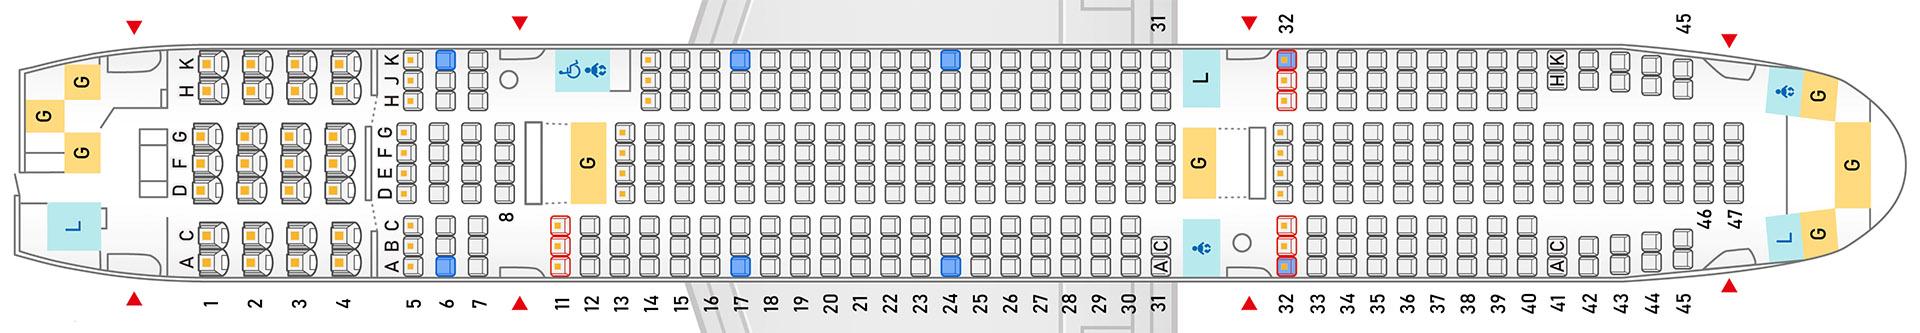 新客室仕様のANA国内線ボーイング 777-200型機のシートマップ